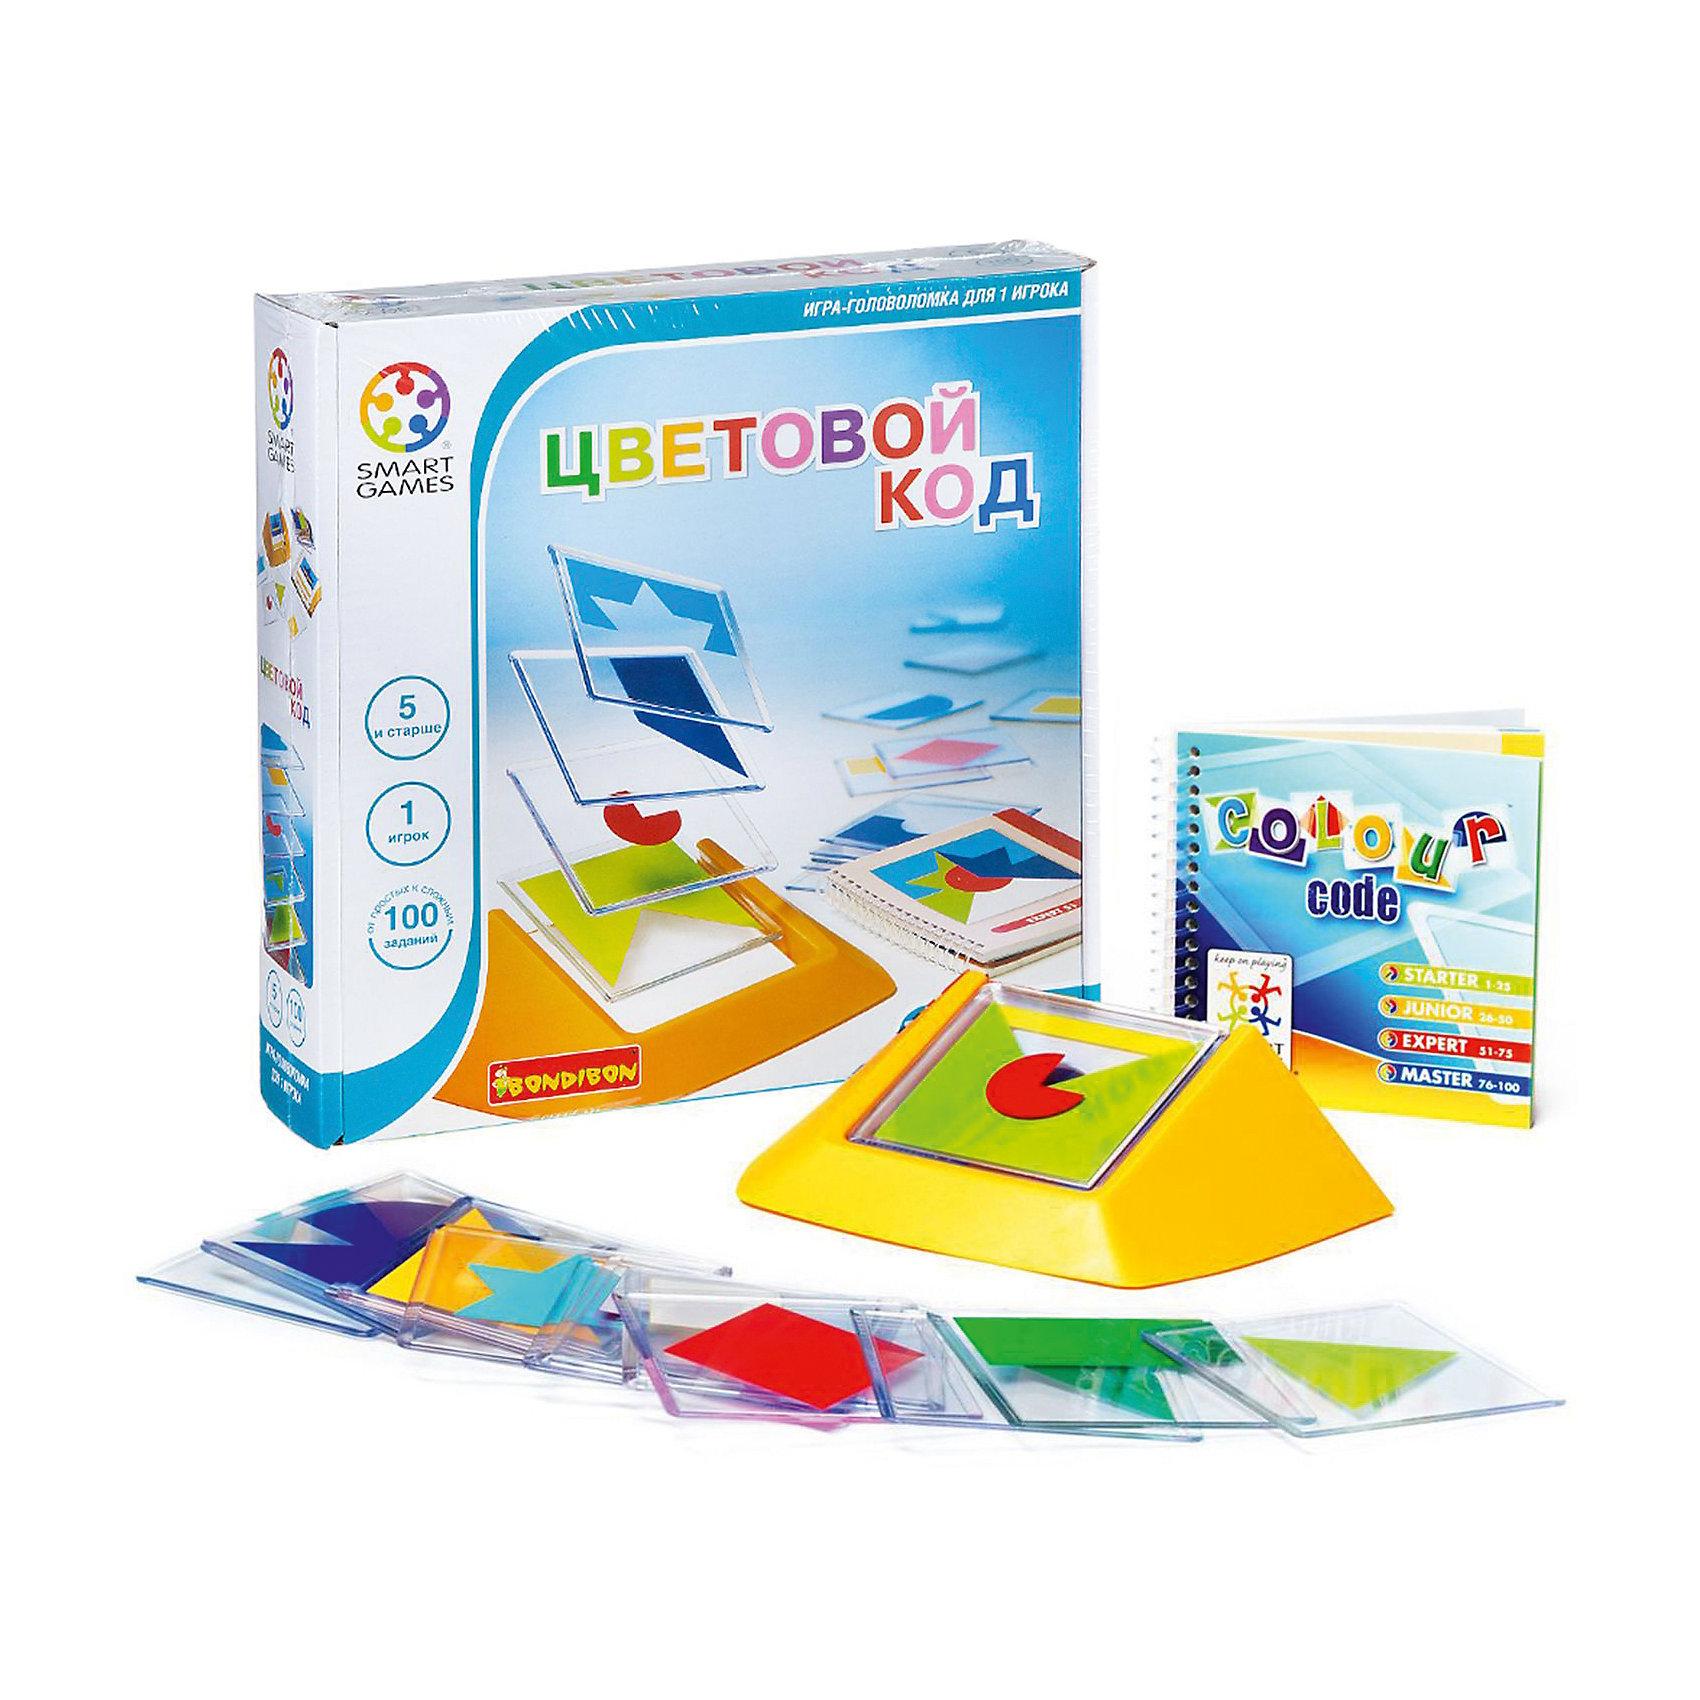 Логическая игра Цветовой код, BondibonНастольные игры<br>Логическая игра Цветовой код, Bondibon (Бондибон).<br><br>Характеристики:<br><br>• Комплектация: 18 пластиковых рамок с изображением геометрических фигур; подставка для их комбинирования; буклет со 100 заданиями, также содержащий ответы<br>• Количество игроков: 1<br>• Размер подставки: 190х105х5 мм.<br>• Размер плиток: 85х85 мм.<br>• Материал: пластик<br>• Упаковка: картонная коробка<br>• Размер упаковки: 24х4х6 см.<br><br>Эта игра – просто взрыв красок! Весь мир насыщен разнообразными цветами и сотнями их оттенков, а многие из них являются таинственным зашифрованным кодом, читать который мы учимся всю жизнь. Зеленый - цвет летней травы и листвы деревьев, желтый – цвет солнца и радости, красный – цвет тюльпанов и маминой помады. Наша игра поможет не заблудиться в цветовом разнообразии жизни! <br><br>Увлекательная игра для взрослых и детей предусматривает 100 заданий 4 уровней сложности. Нужно сложить плитки таким образом, чтобы воспроизвести композицию из карточки с выбранным заданием. При решении поставленной задачи надо правильно скомбинировать цвета, формы и последовательность расположения плиток. Правильно выполнить задание поможет внимание, логика и терпение. <br><br>Игра развивает креативность и учит искать необычные решения. Рекомендуем играть в «Цветовой код» вместе с детьми. Логические игры - прекрасный способ весело и с пользой провести свободное время с ребенком.<br><br>Логическую игру Цветовой код, Bondibon (Бондибон) можно купить в нашем интернет-магазине.<br><br>Ширина мм: 240<br>Глубина мм: 60<br>Высота мм: 240<br>Вес г: 704<br>Возраст от месяцев: 60<br>Возраст до месяцев: 2147483647<br>Пол: Унисекс<br>Возраст: Детский<br>SKU: 5451752